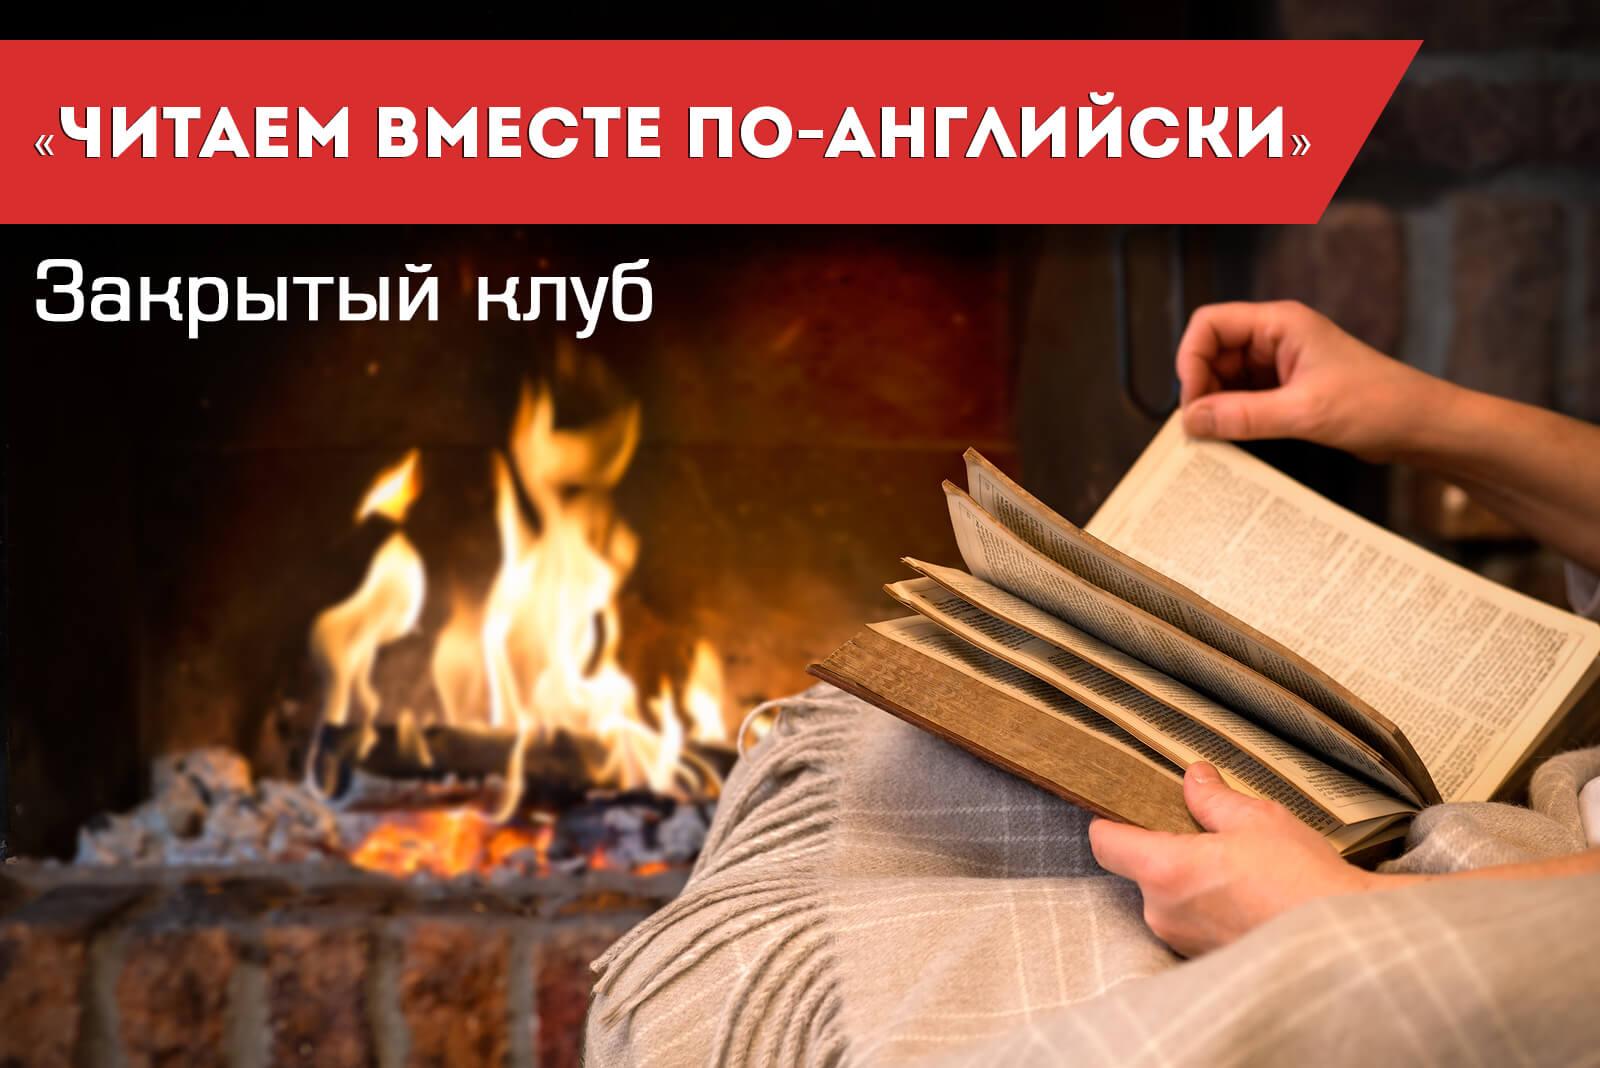 Читаем по-английски [Диана Семёнычева] (2016).jpg